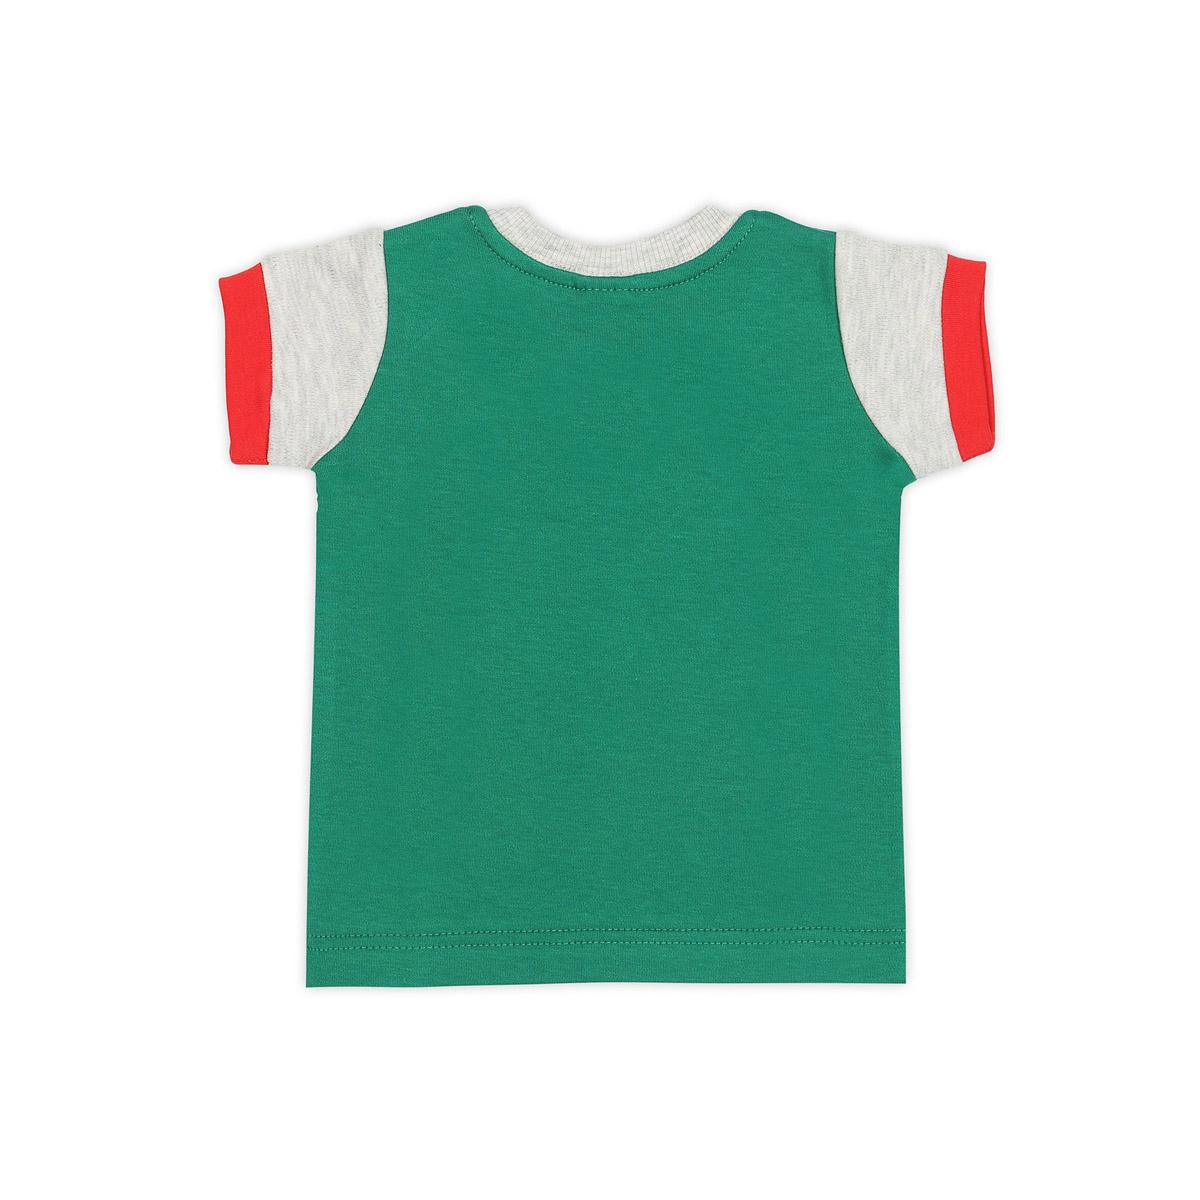 Футболка Ёмаё Хохлома (27-636) рост 62 светло серый меланж с зеленым